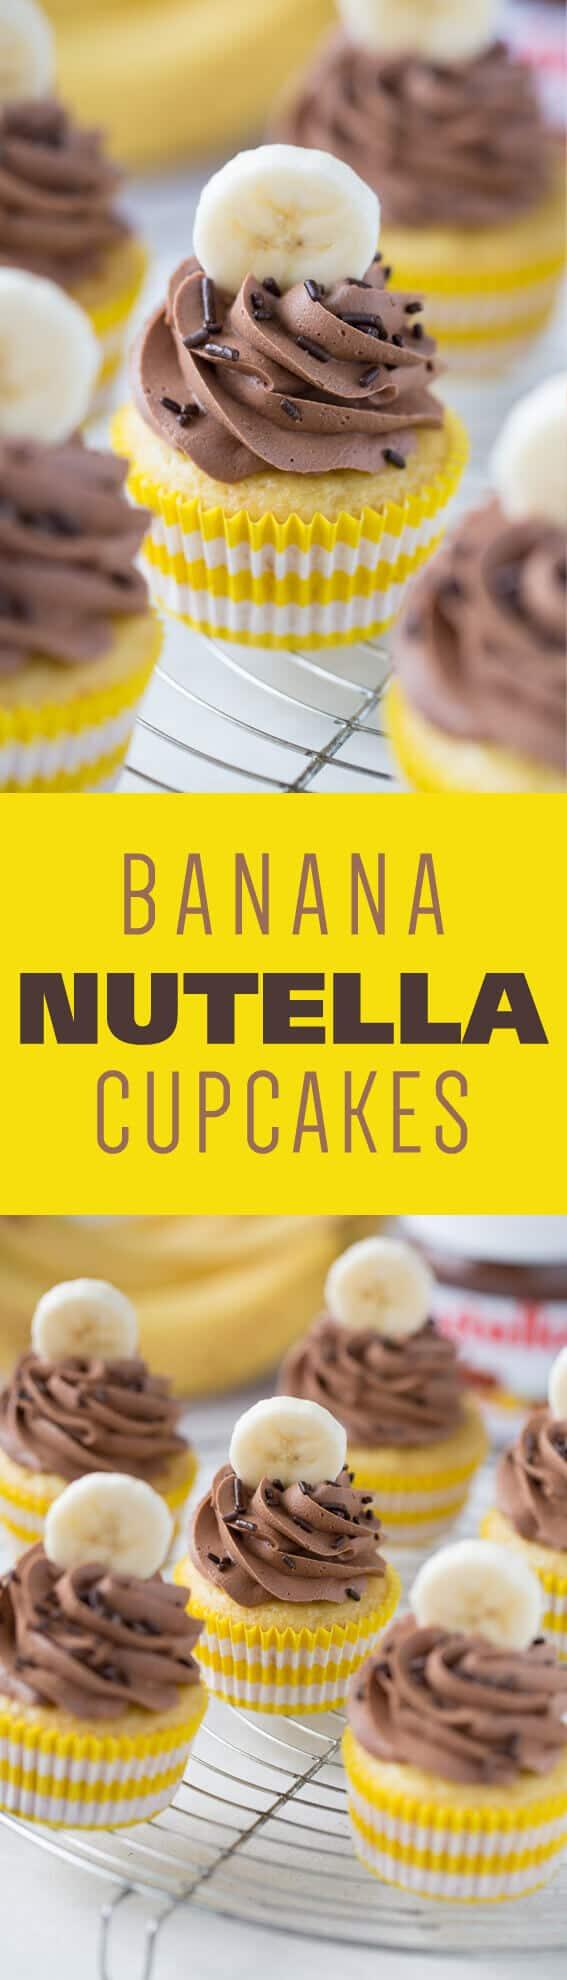 Banana Nutella Cupcakes